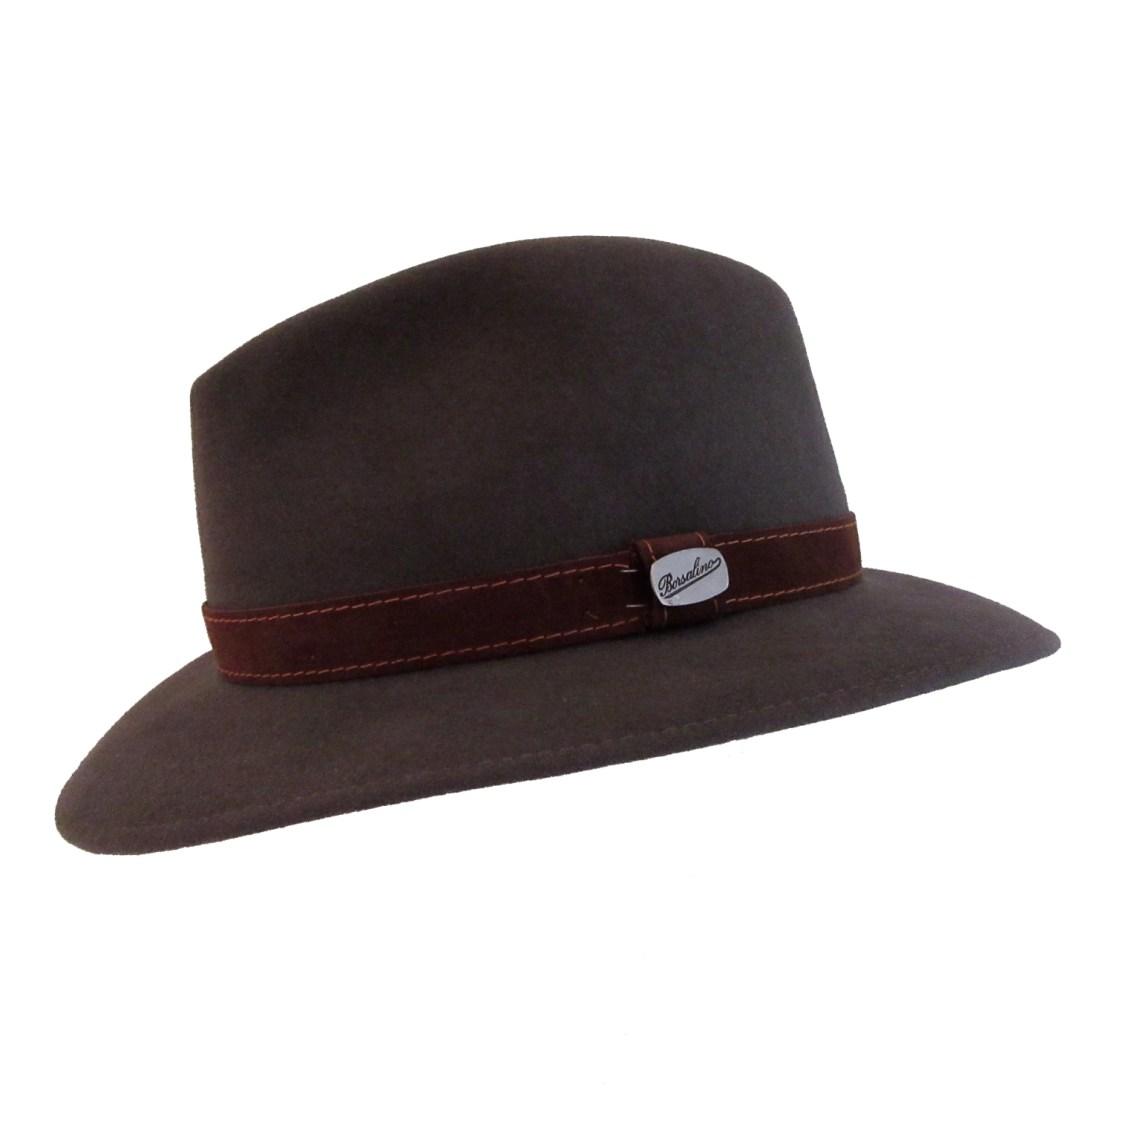 Borsalino Marco Fur Felt Fedora Holland Hats 8aa1f1e8e58